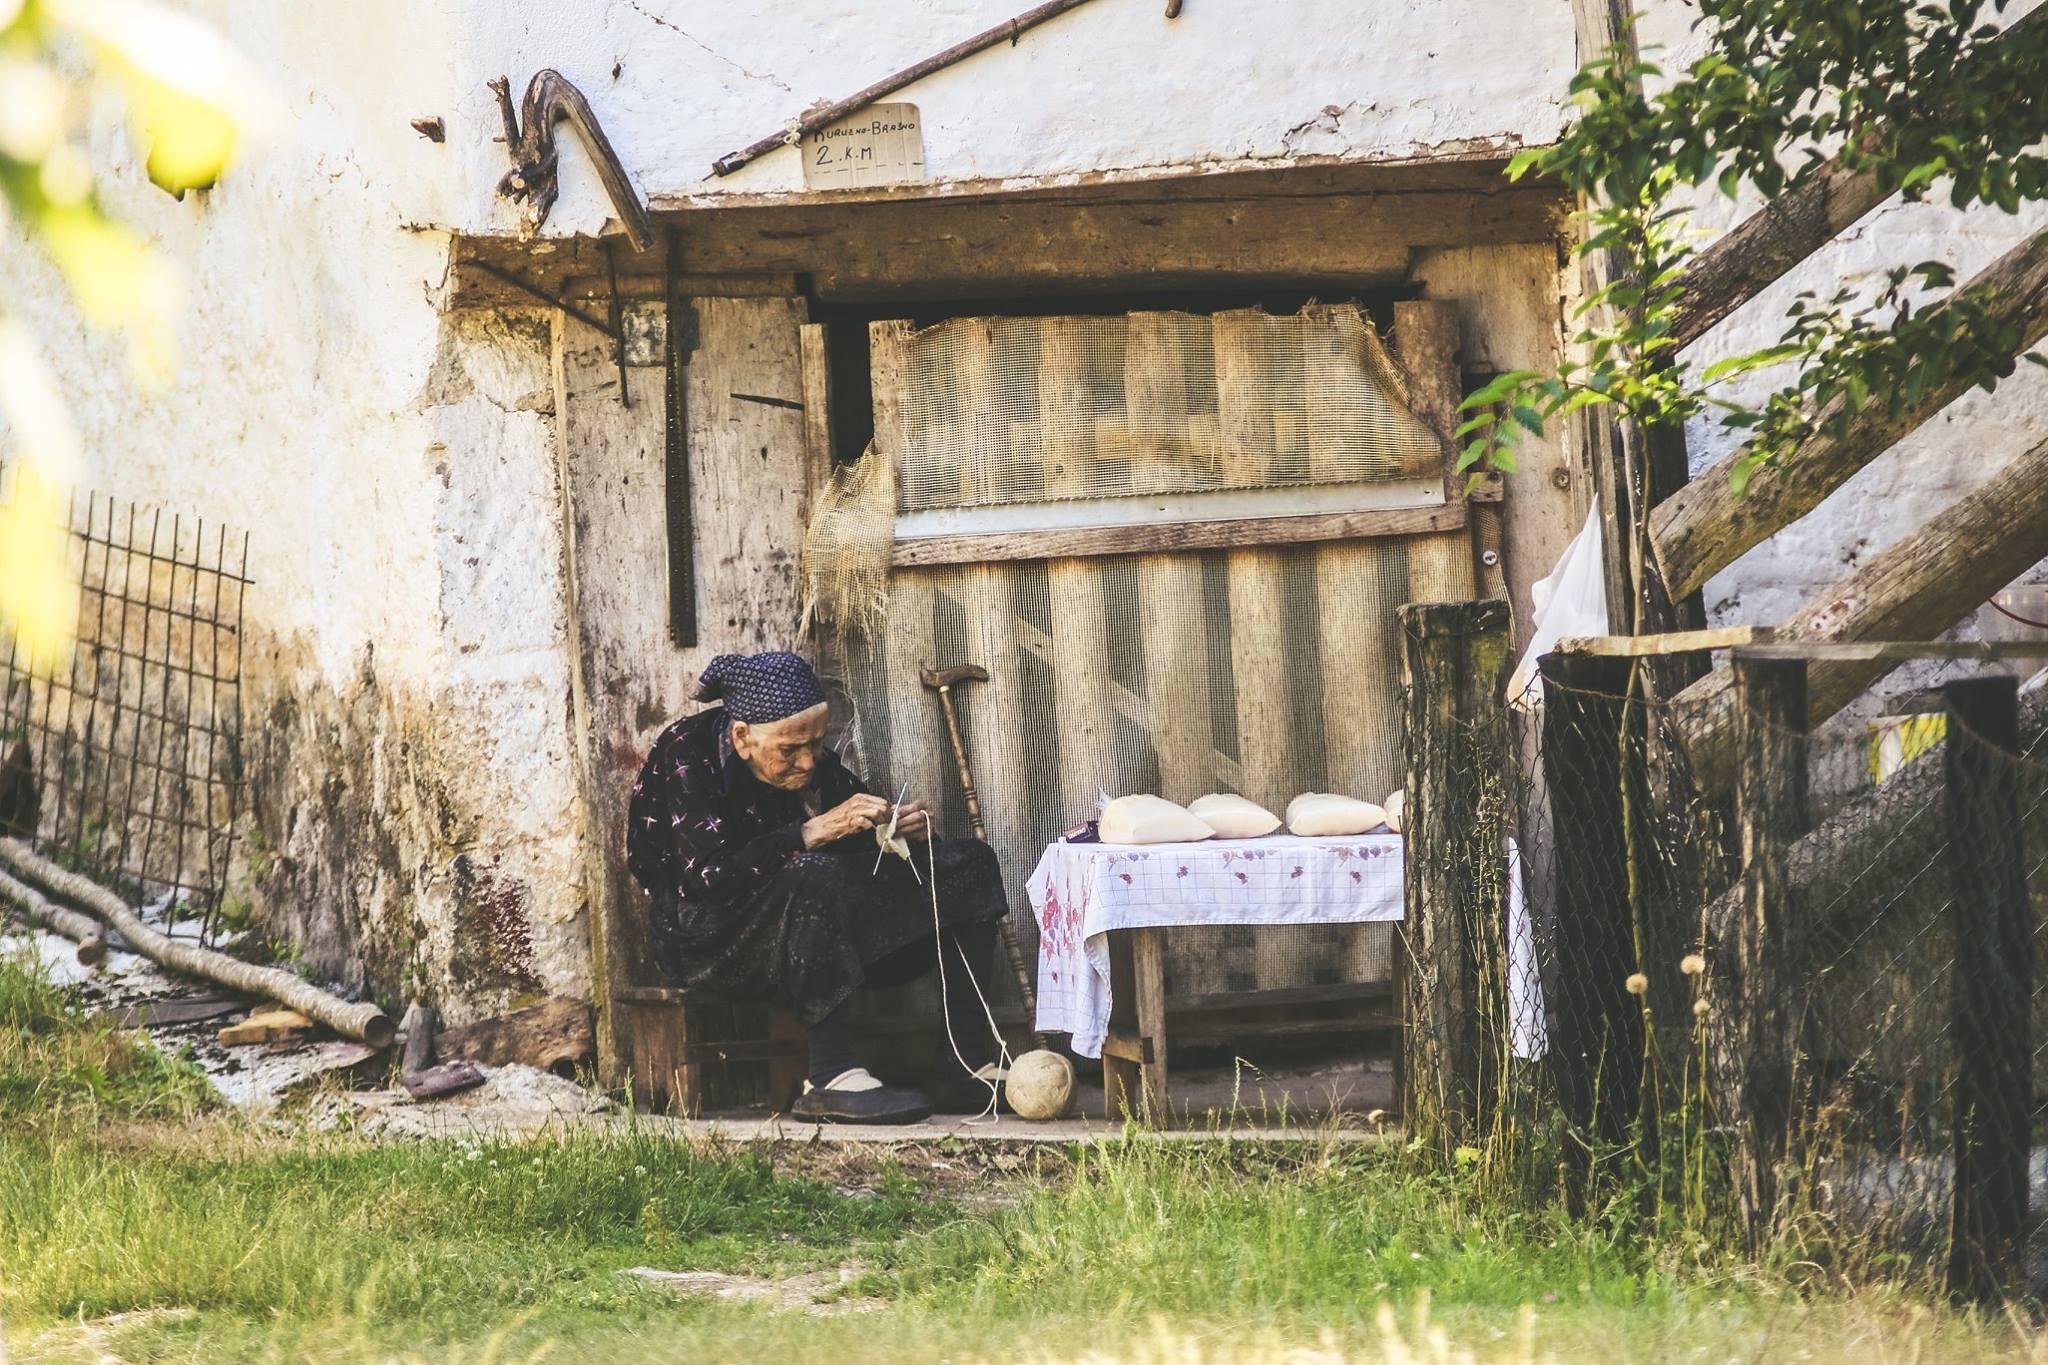 PREDSTAVLJAMO BH. FOTOGRAFE: Život kako ga vidi Vedran Ševčuk